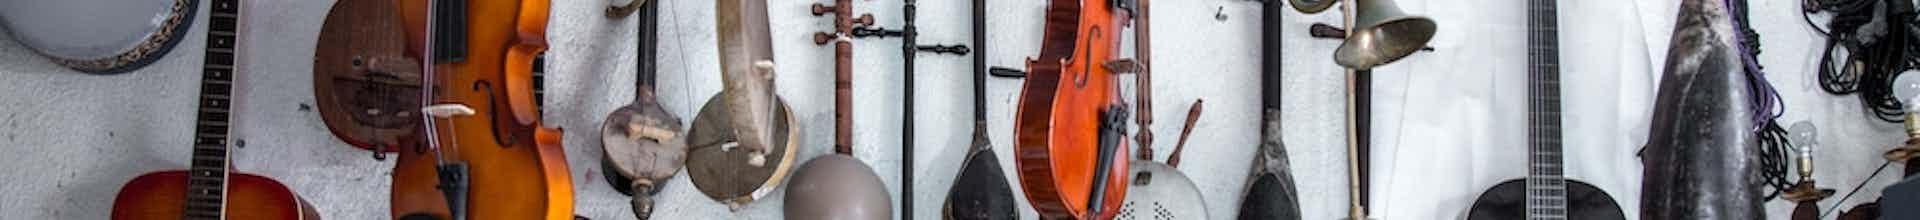 Instrumenten boeken 1.jpg